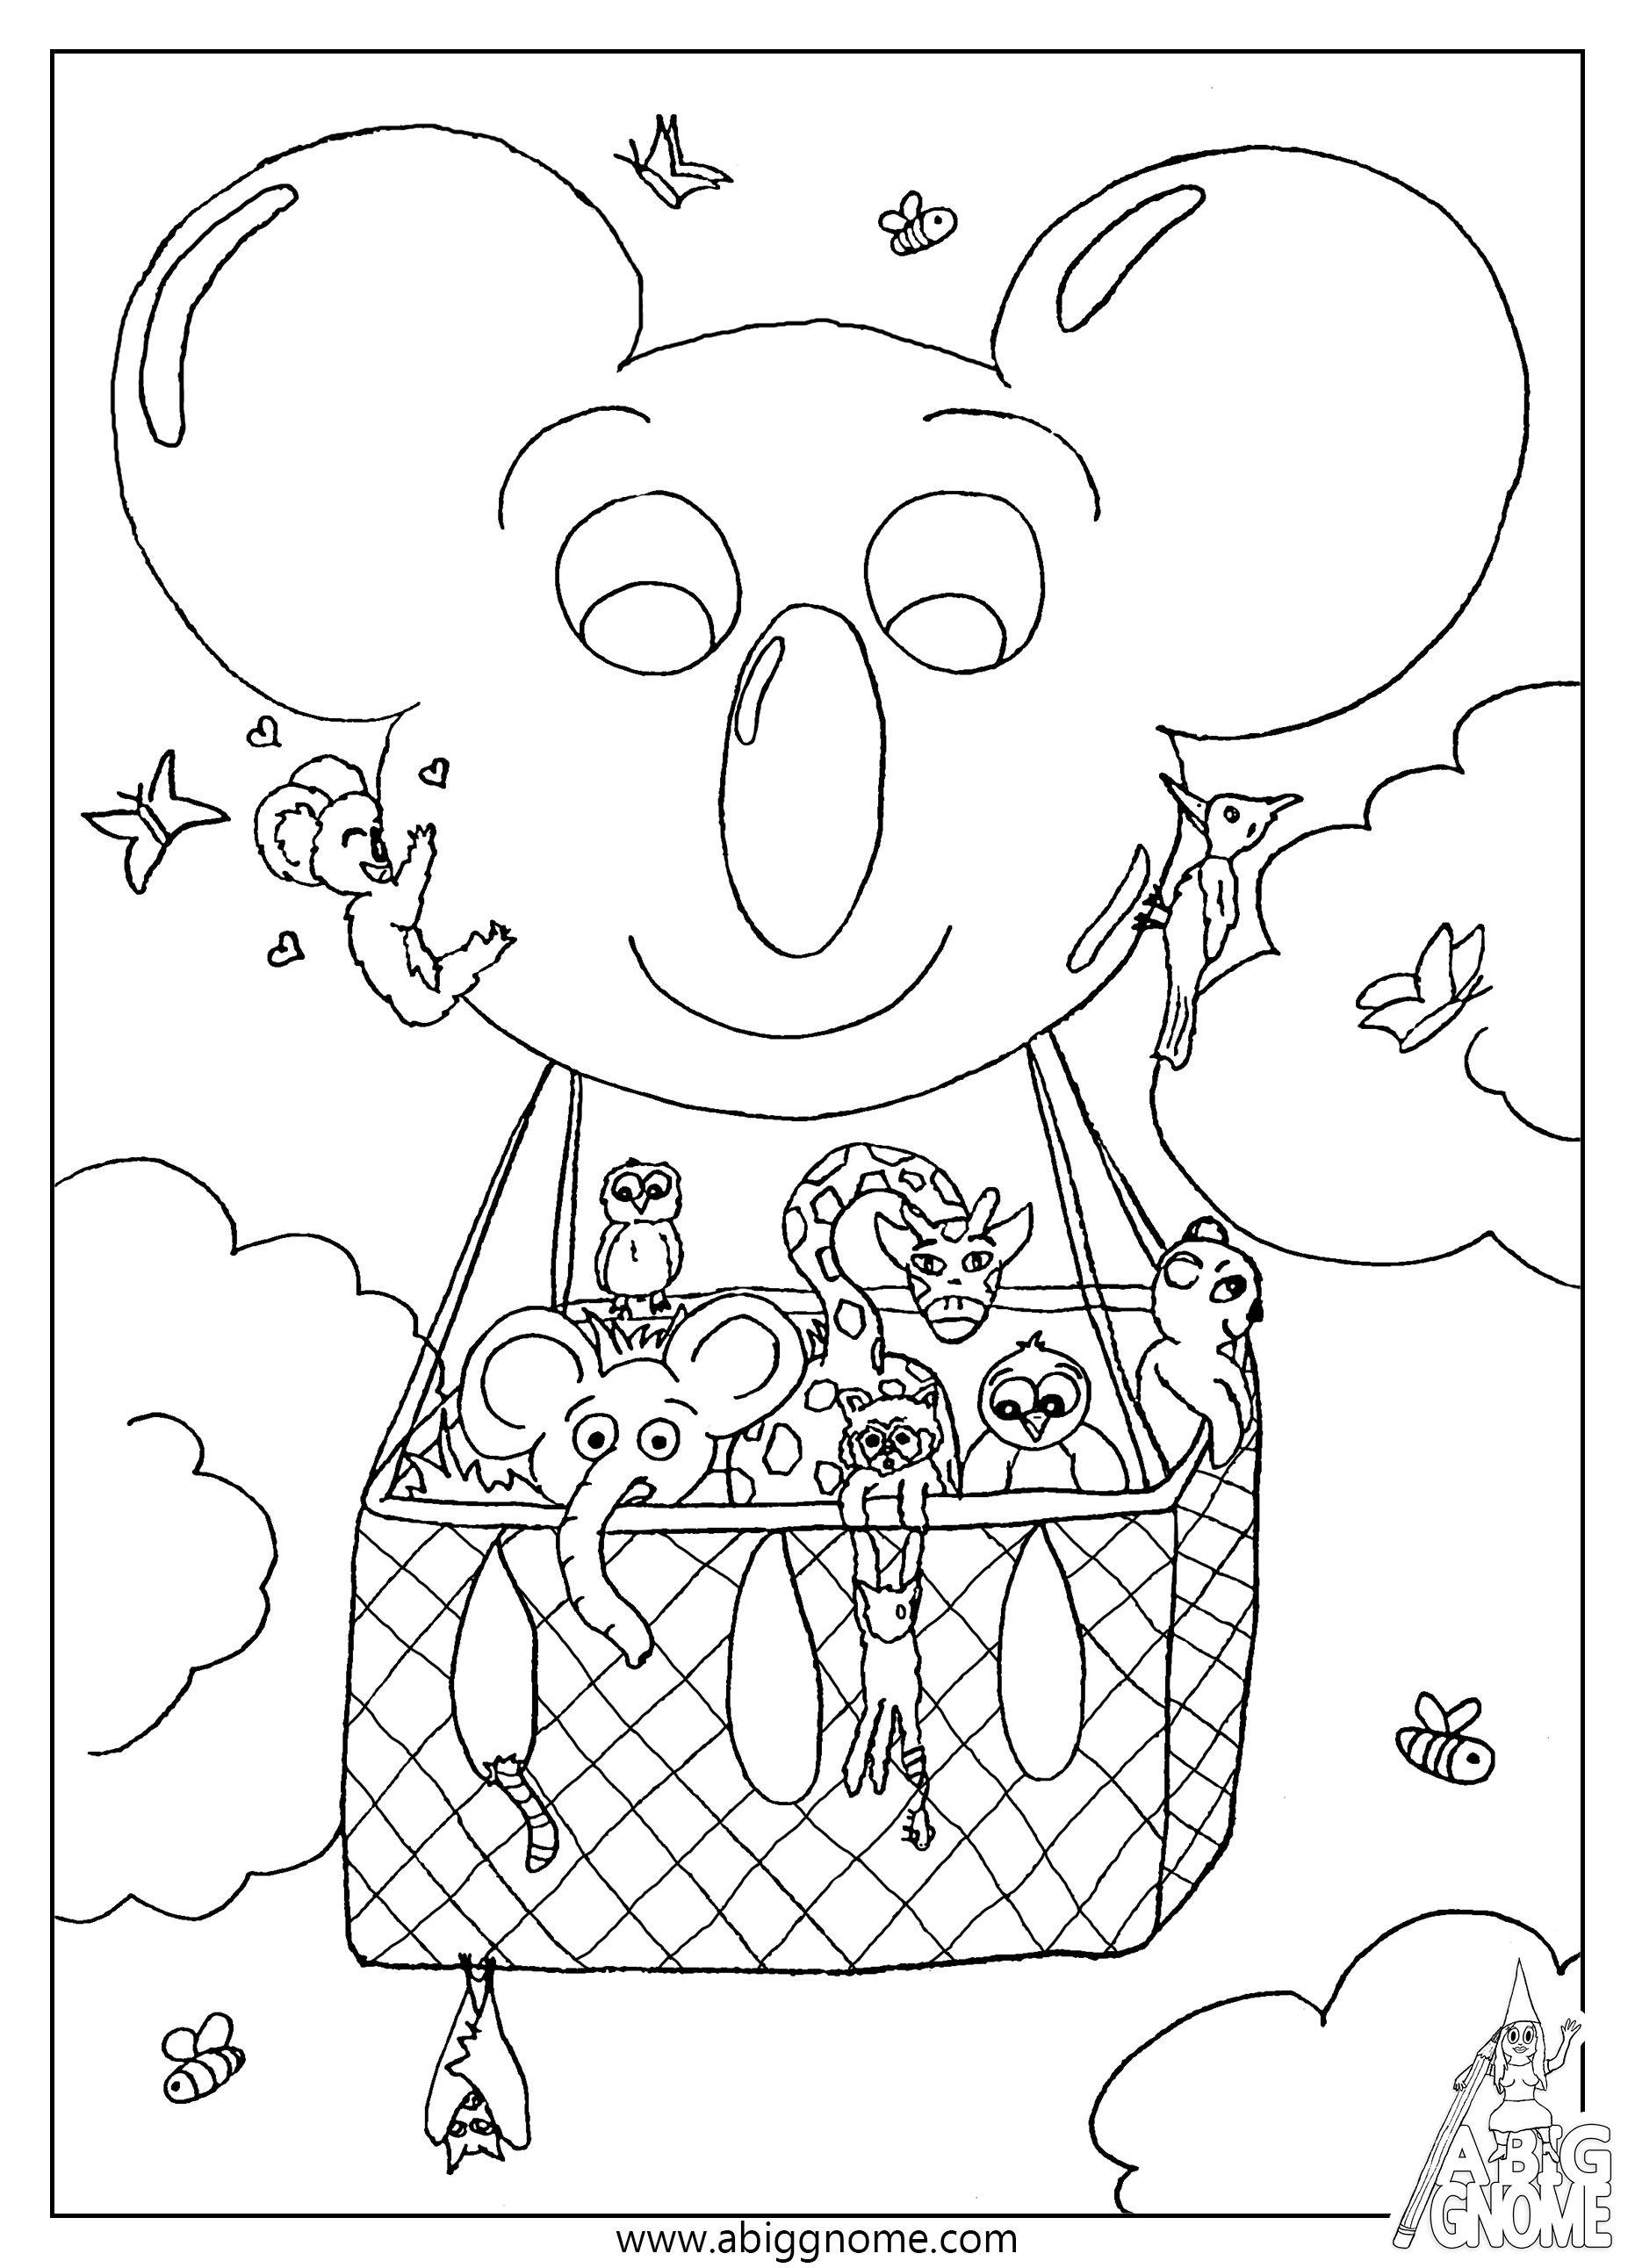 Kleurplaten Activiteitenpagina S Kleurplaten Voor Kinderen Kleurplaten Gratis Kleurplaten